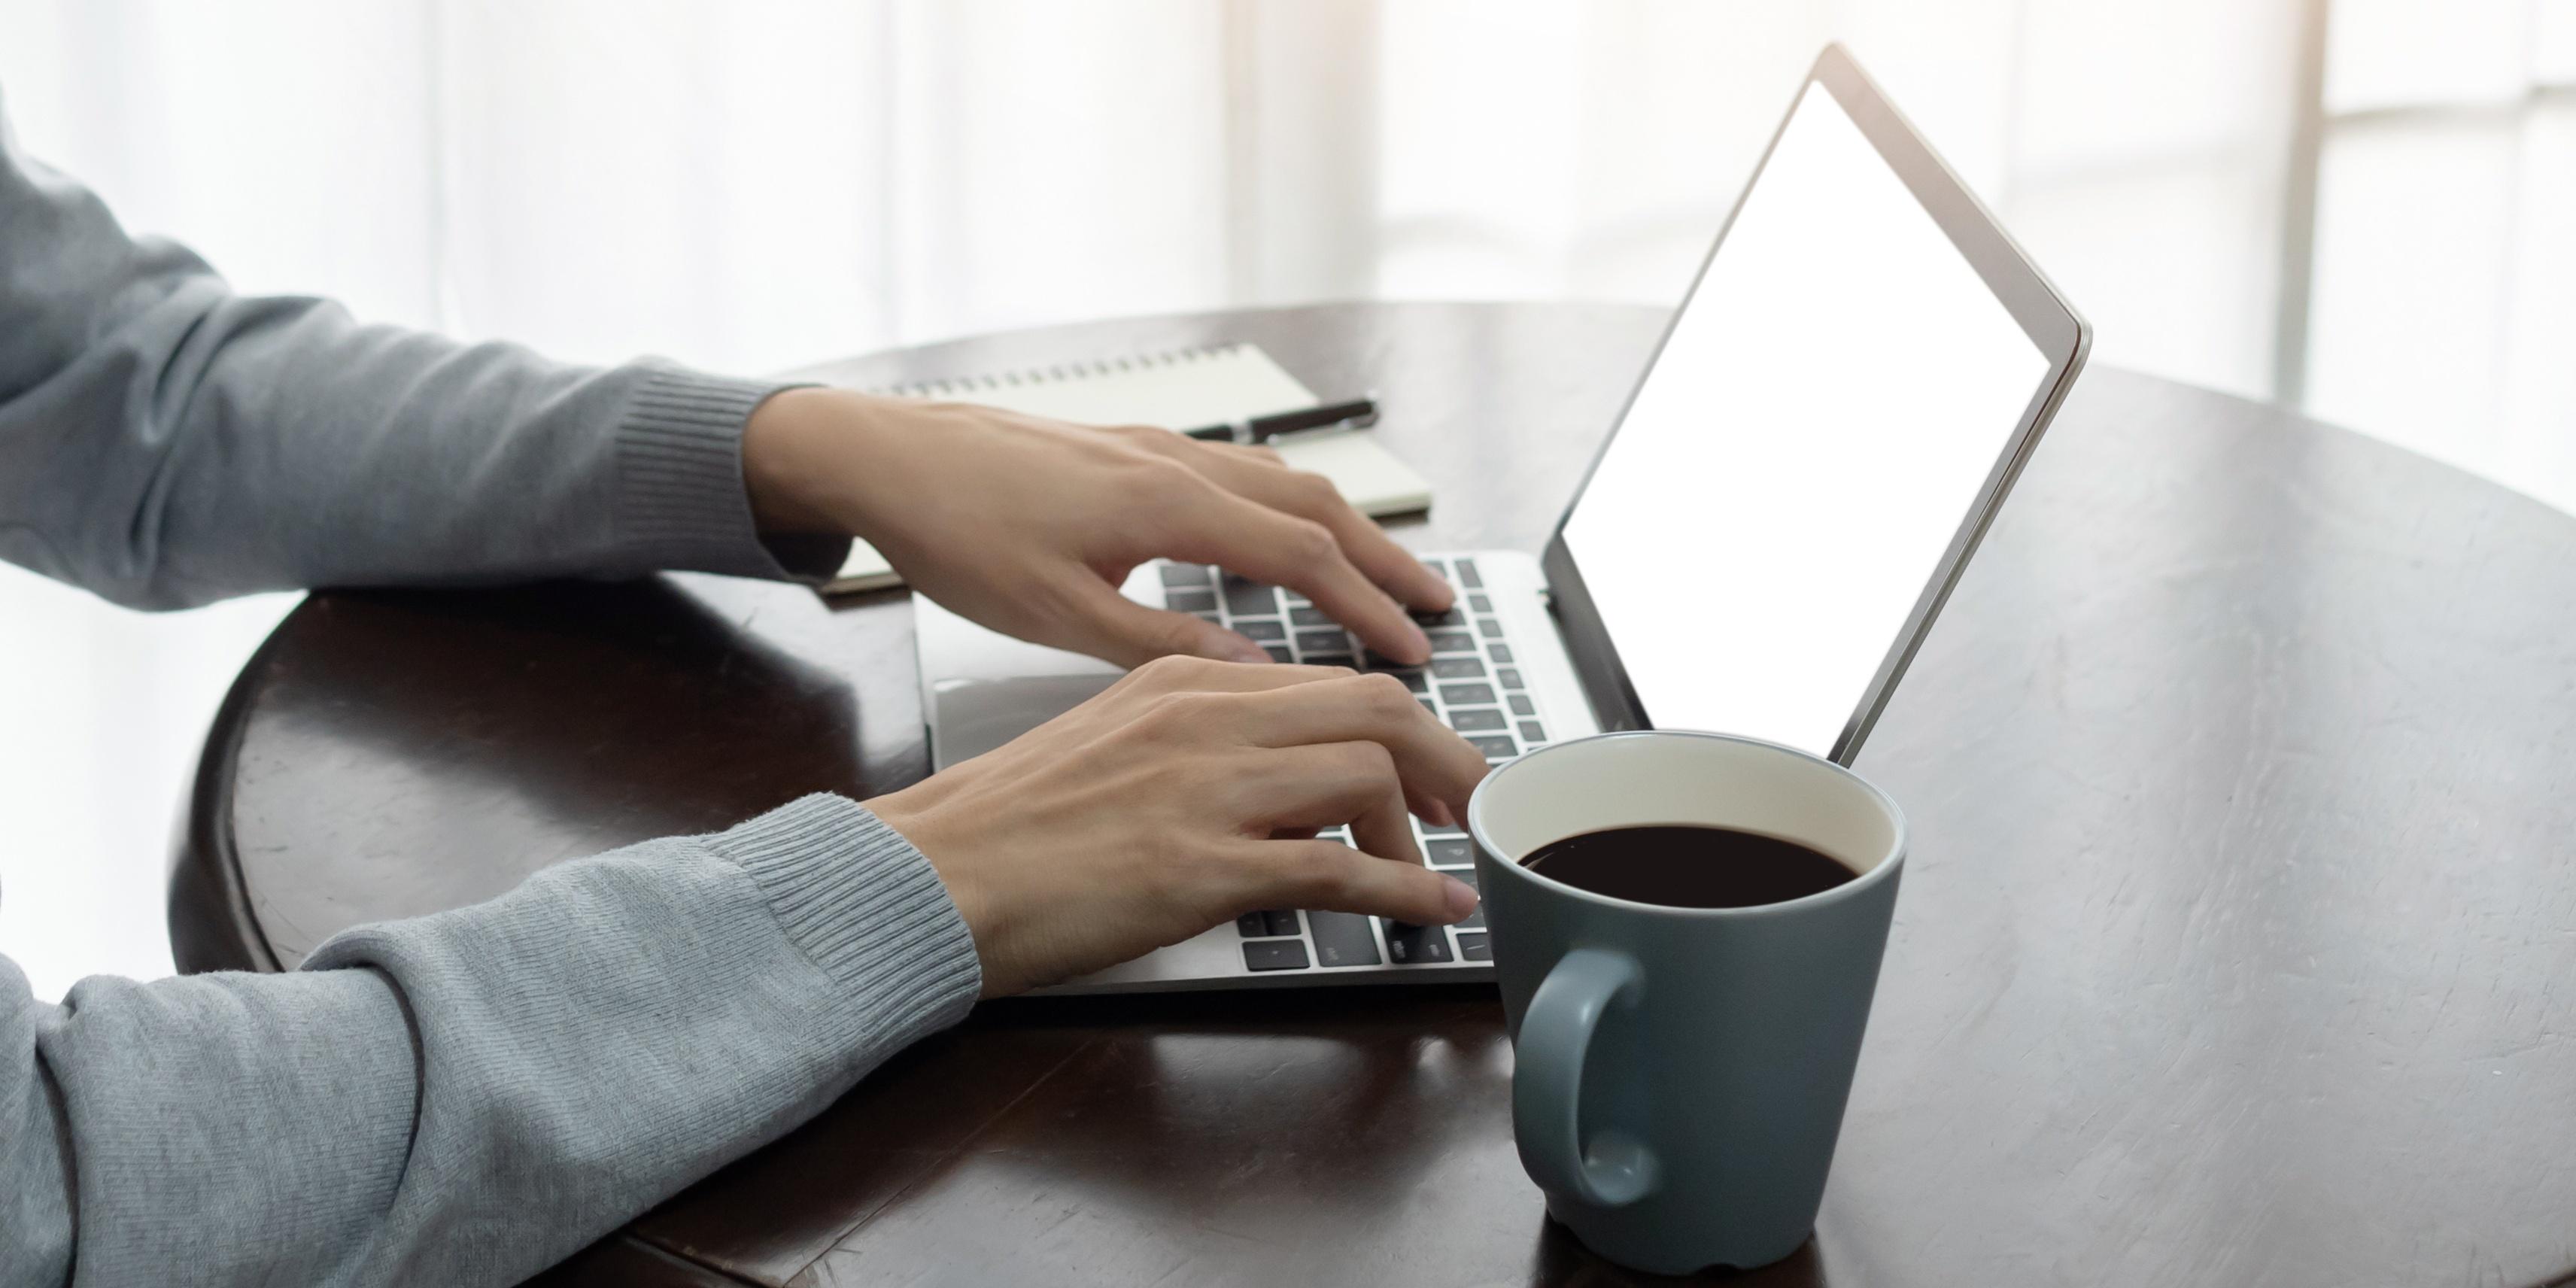 VonNo-Office zu Home-Office – Tipps & Tools für das digitale Arbeiten